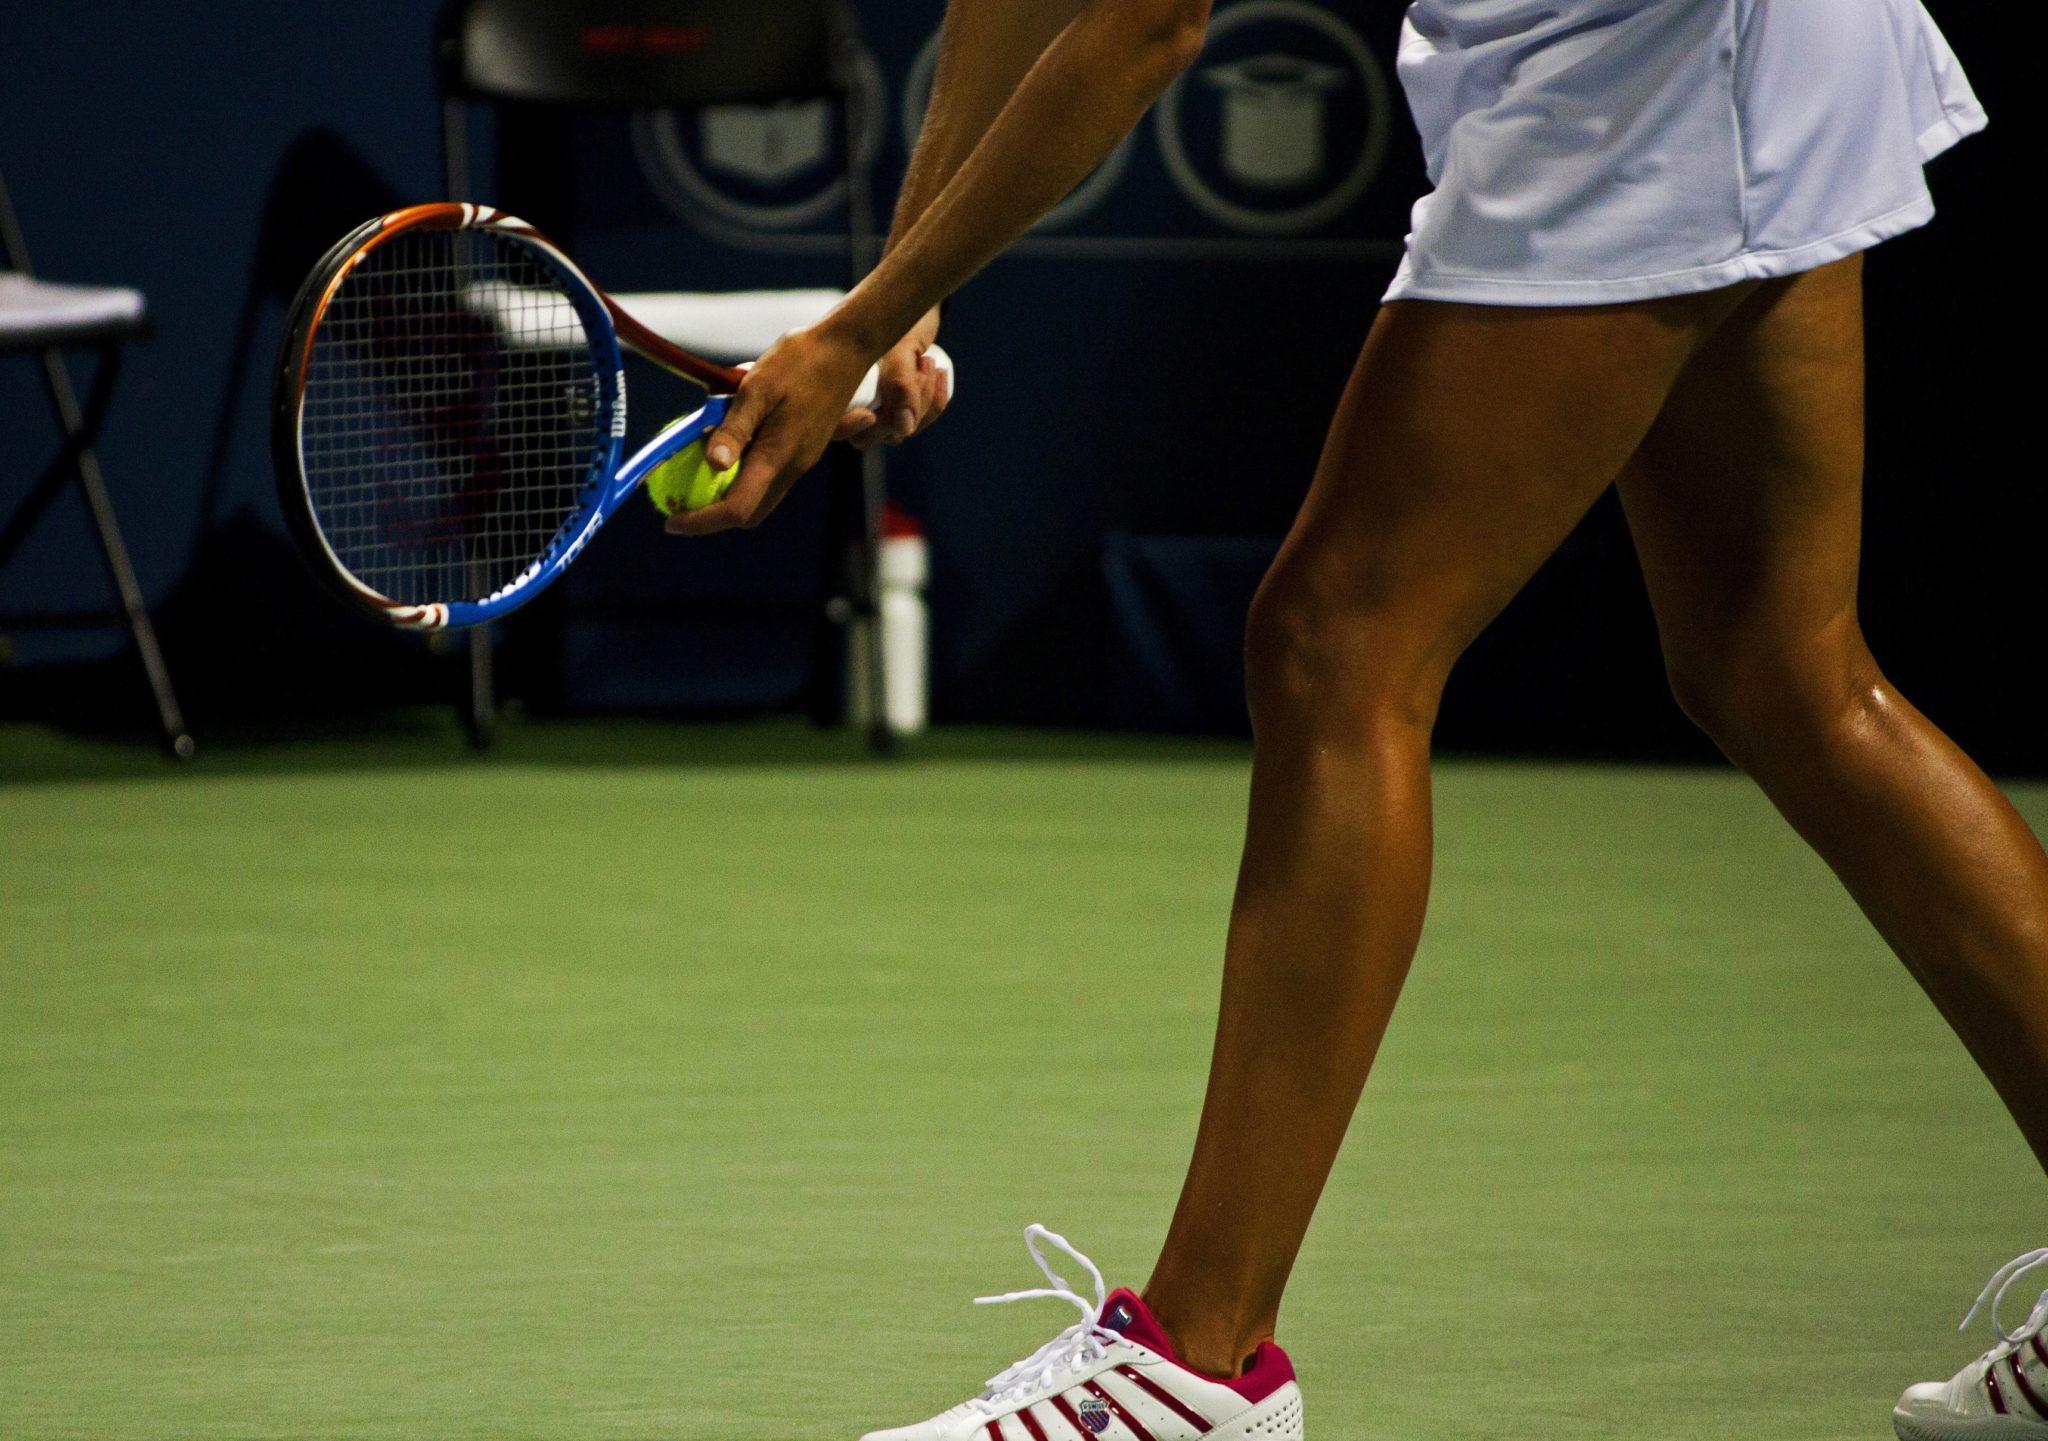 Теннис — адвокатам, велоспорт — продажникам: призвание подскажет любимый спорт